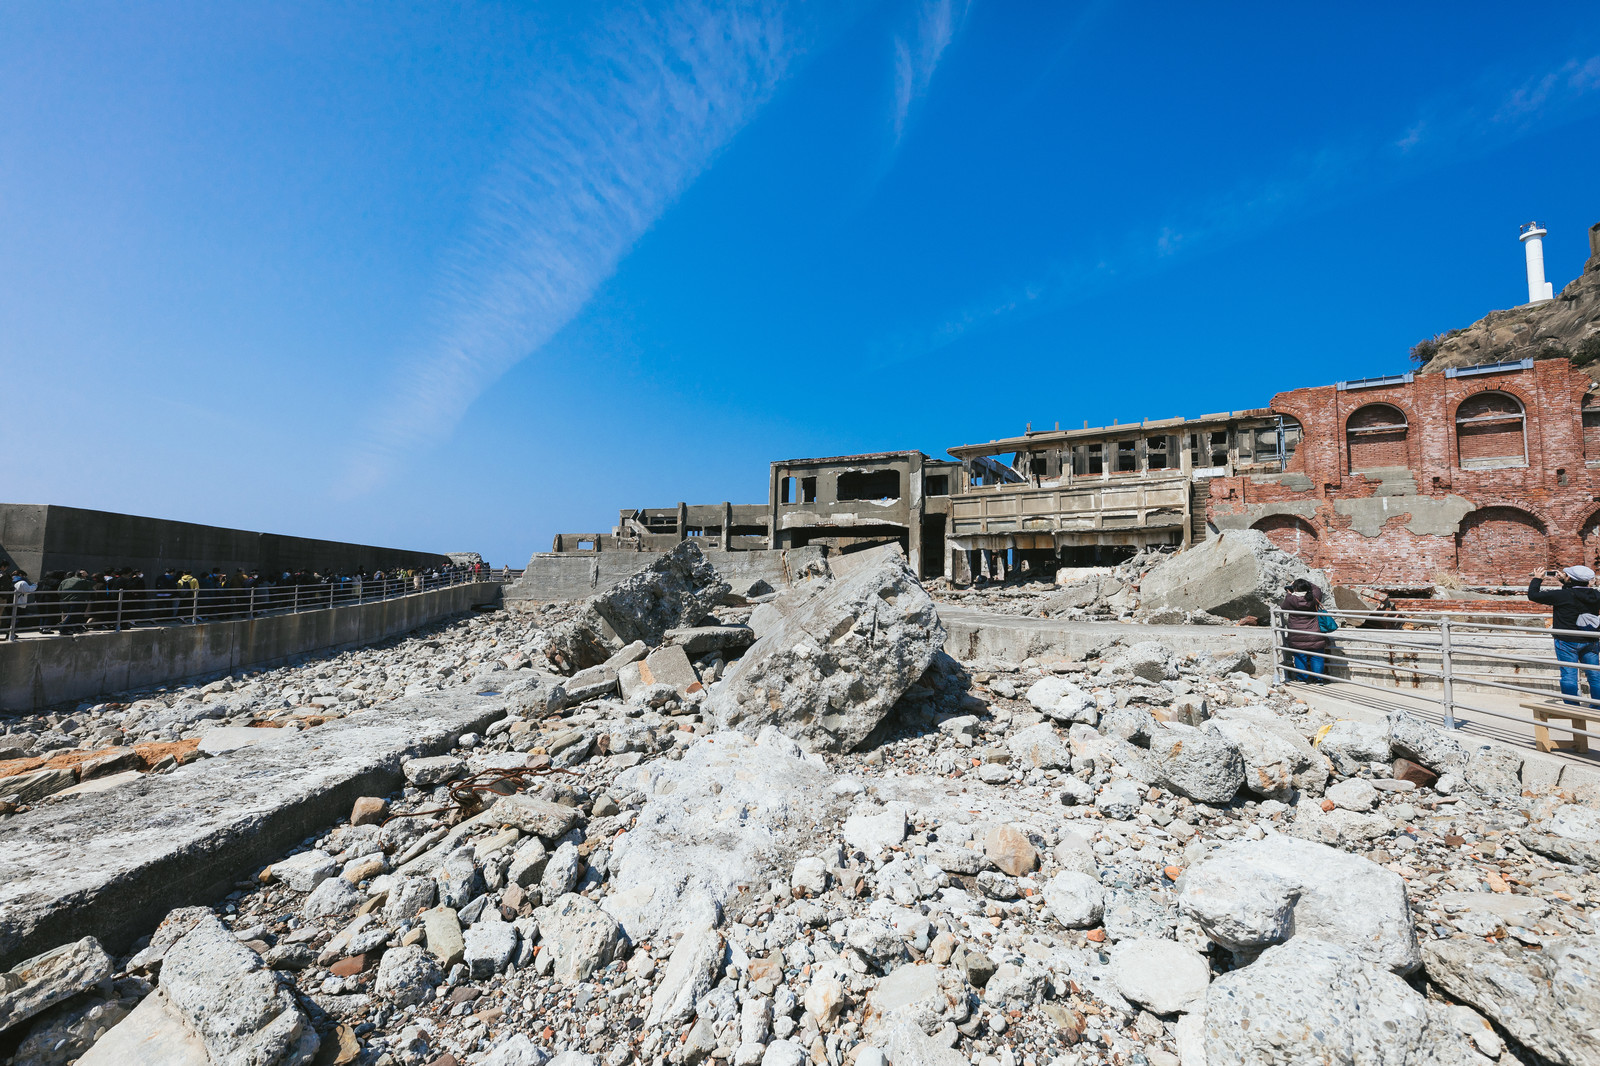 「軍艦島の第二見学広場から移動する観光客の長蛇の列」の写真